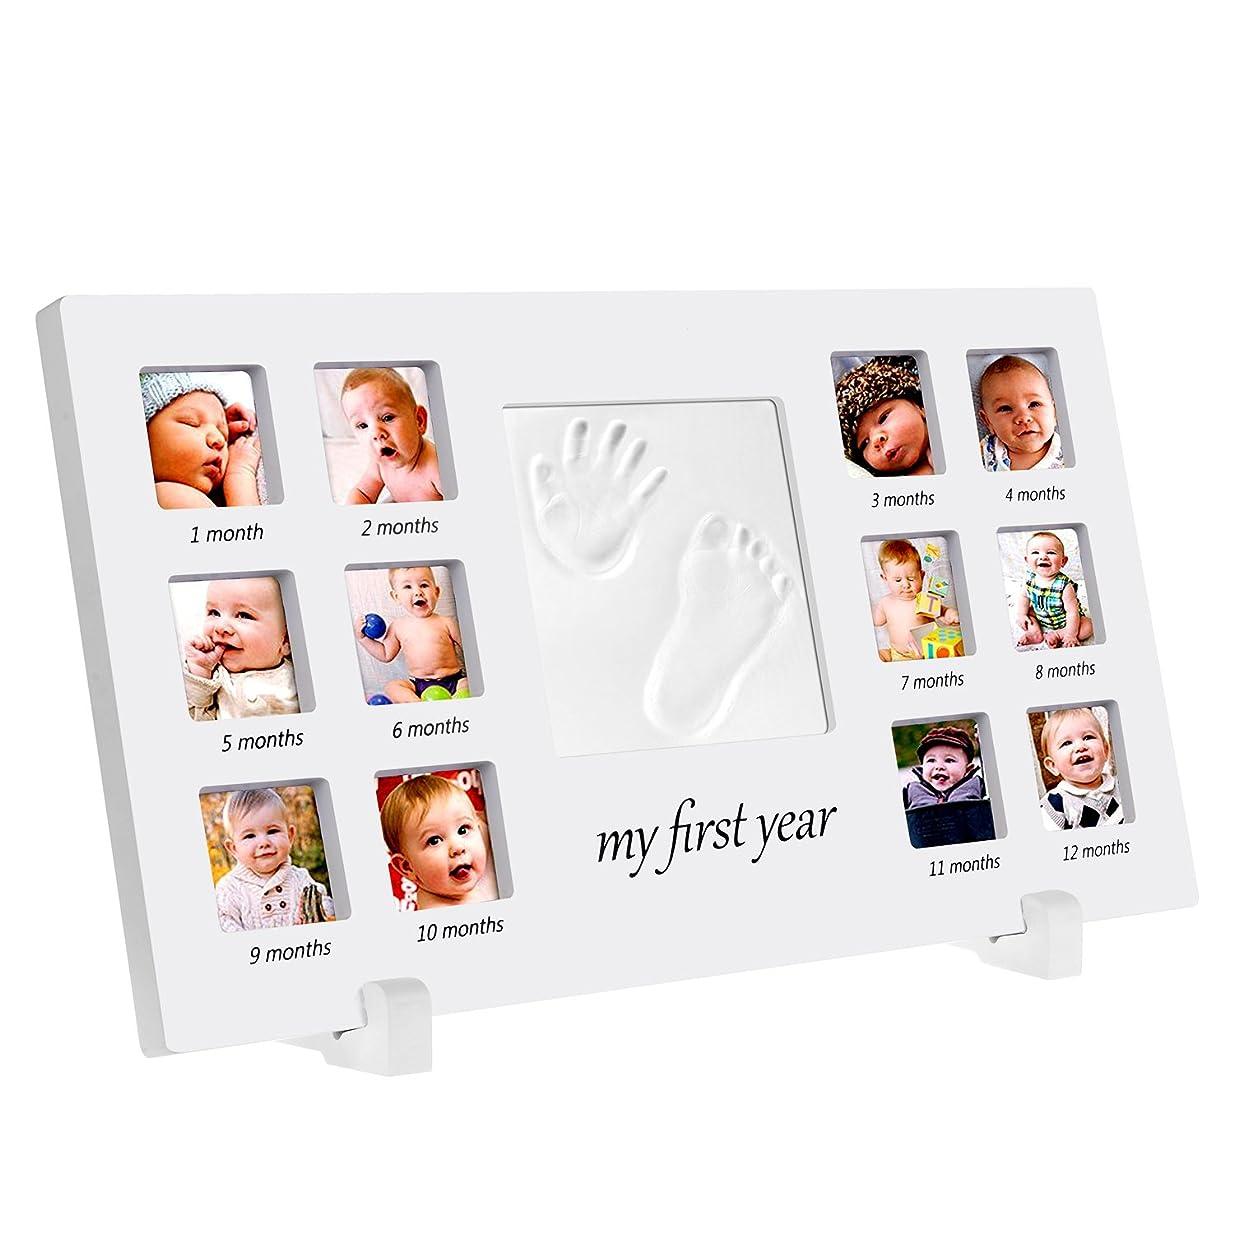 六アルミニウムシミュレートするベビーフレーム PChero 可愛いベイビー用記念品 赤ちゃんの手形 足形フレーム 安全な非毒性粘土 良品質の木製フレーム 12面/13面写真立て 誕生から12か月の成長記録 卓上用/壁掛両用 出産祝い 完璧なベイビーギフト